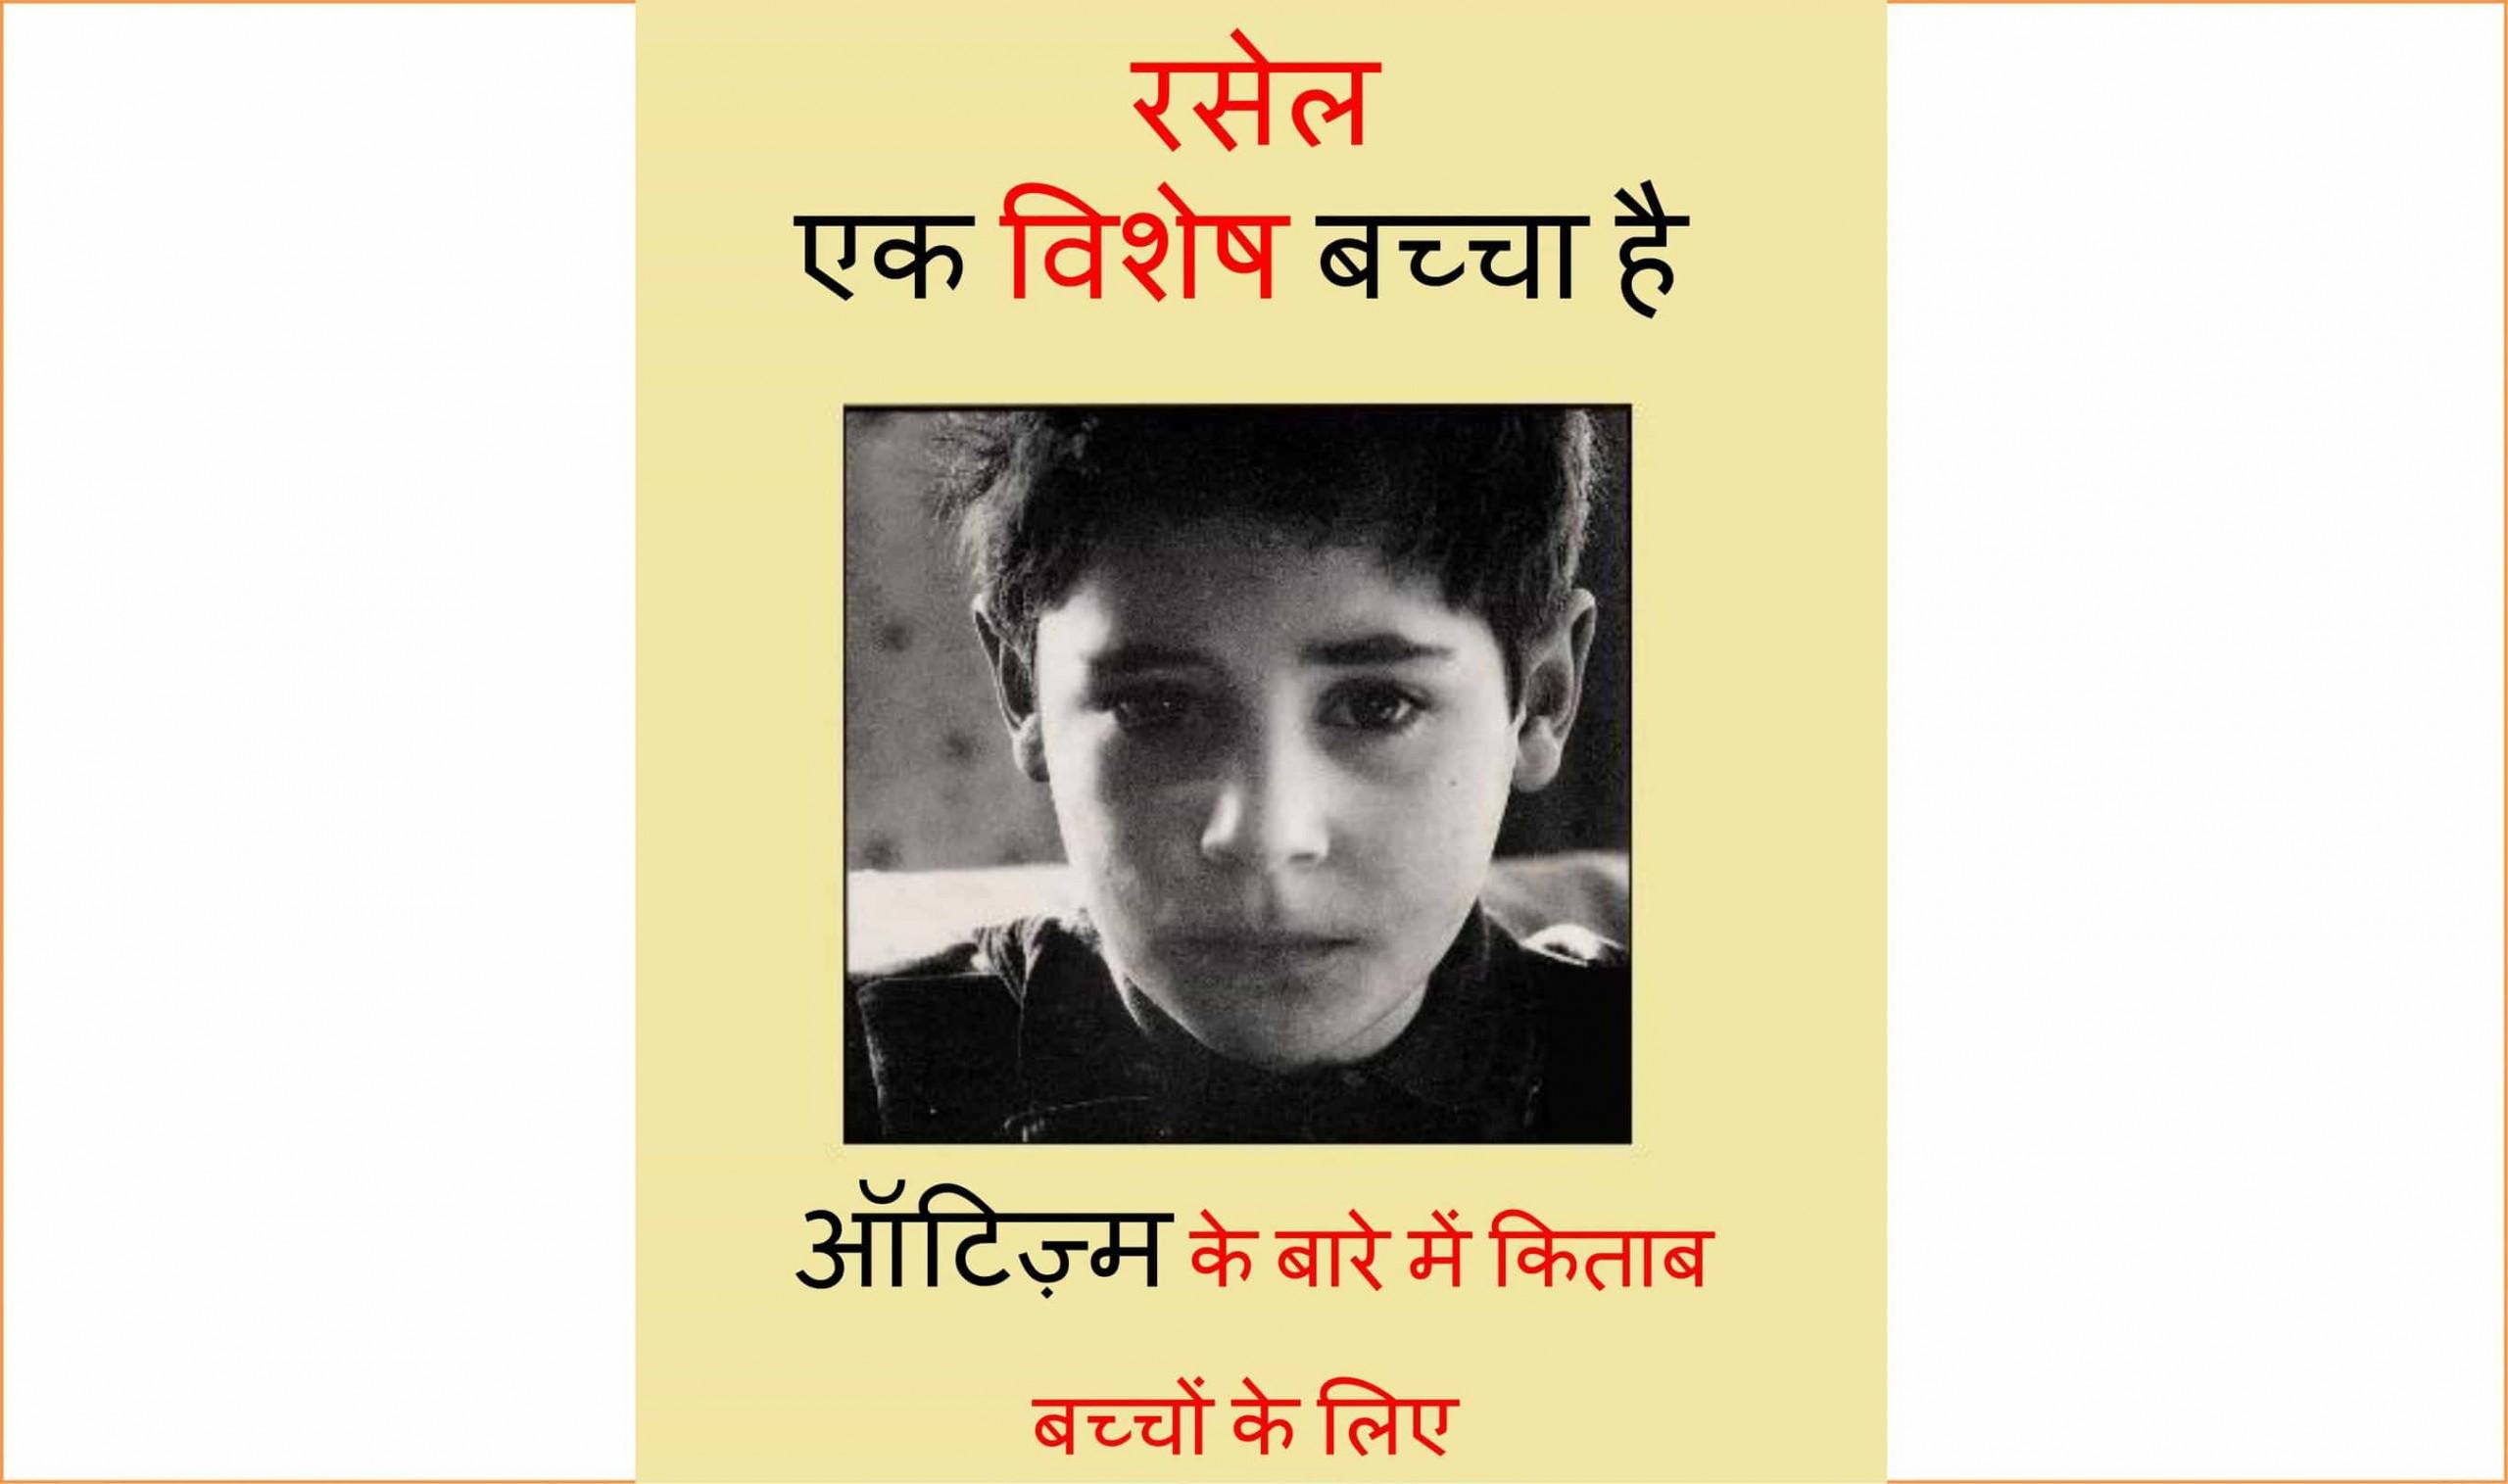 Russel ek Vishesh Bachcha Hai - Autism Ki Kahani by चार्ल्स - Charlesपुस्तक समूह - Pustak Samuh